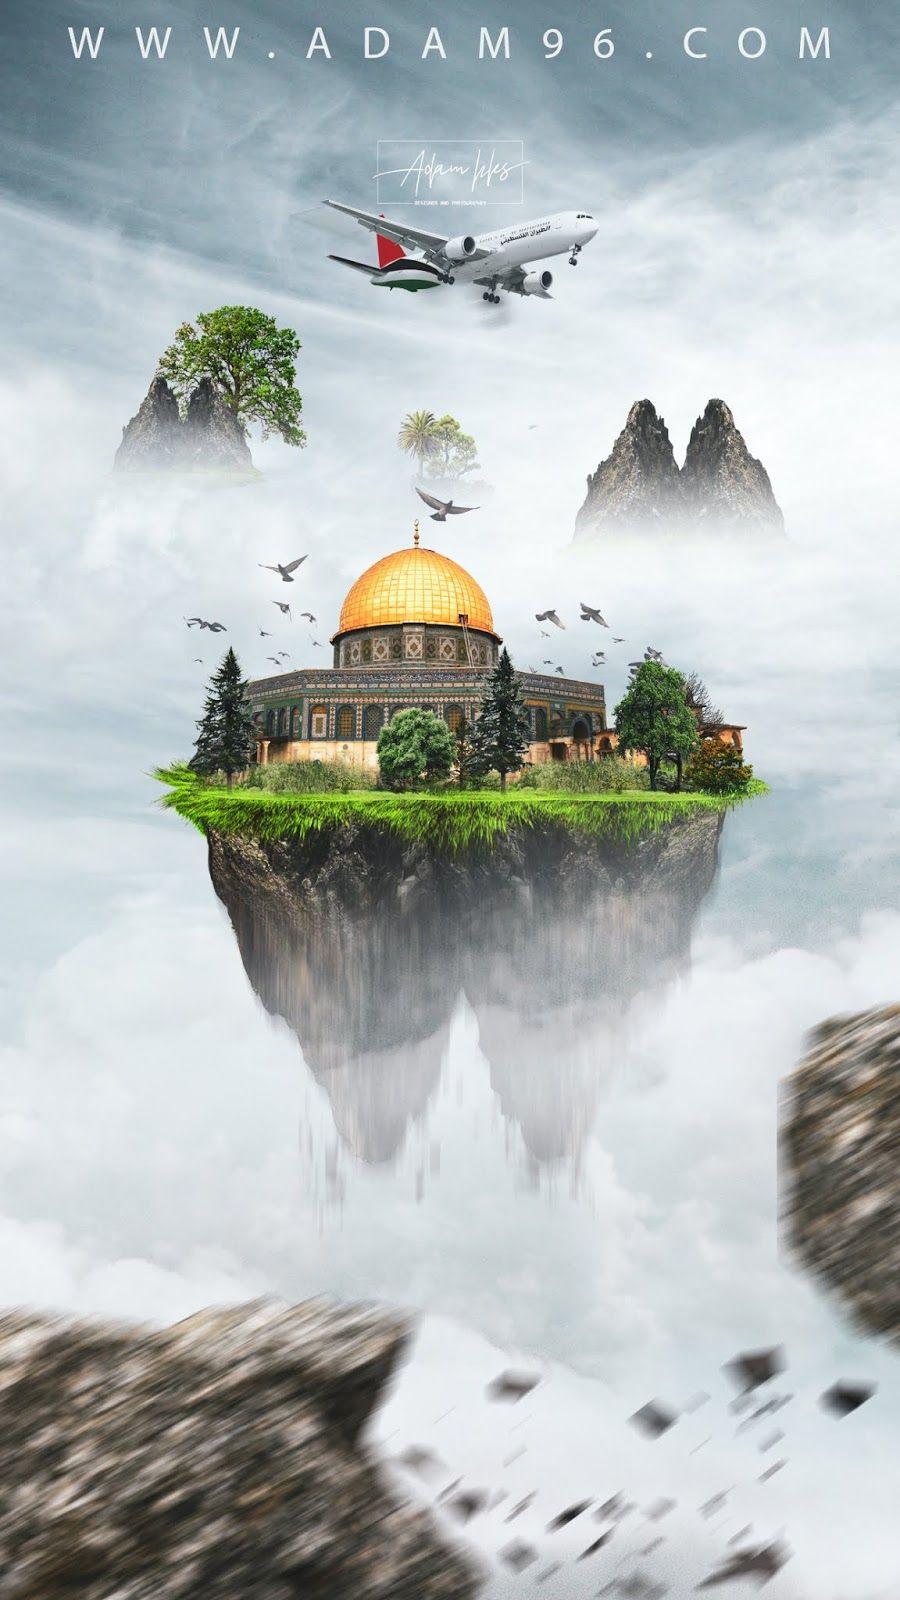 اجمل خلفية للهاتف جزيرة القدس خلفيات ايفون رائعة لفلسطين والقدس Wallpaper